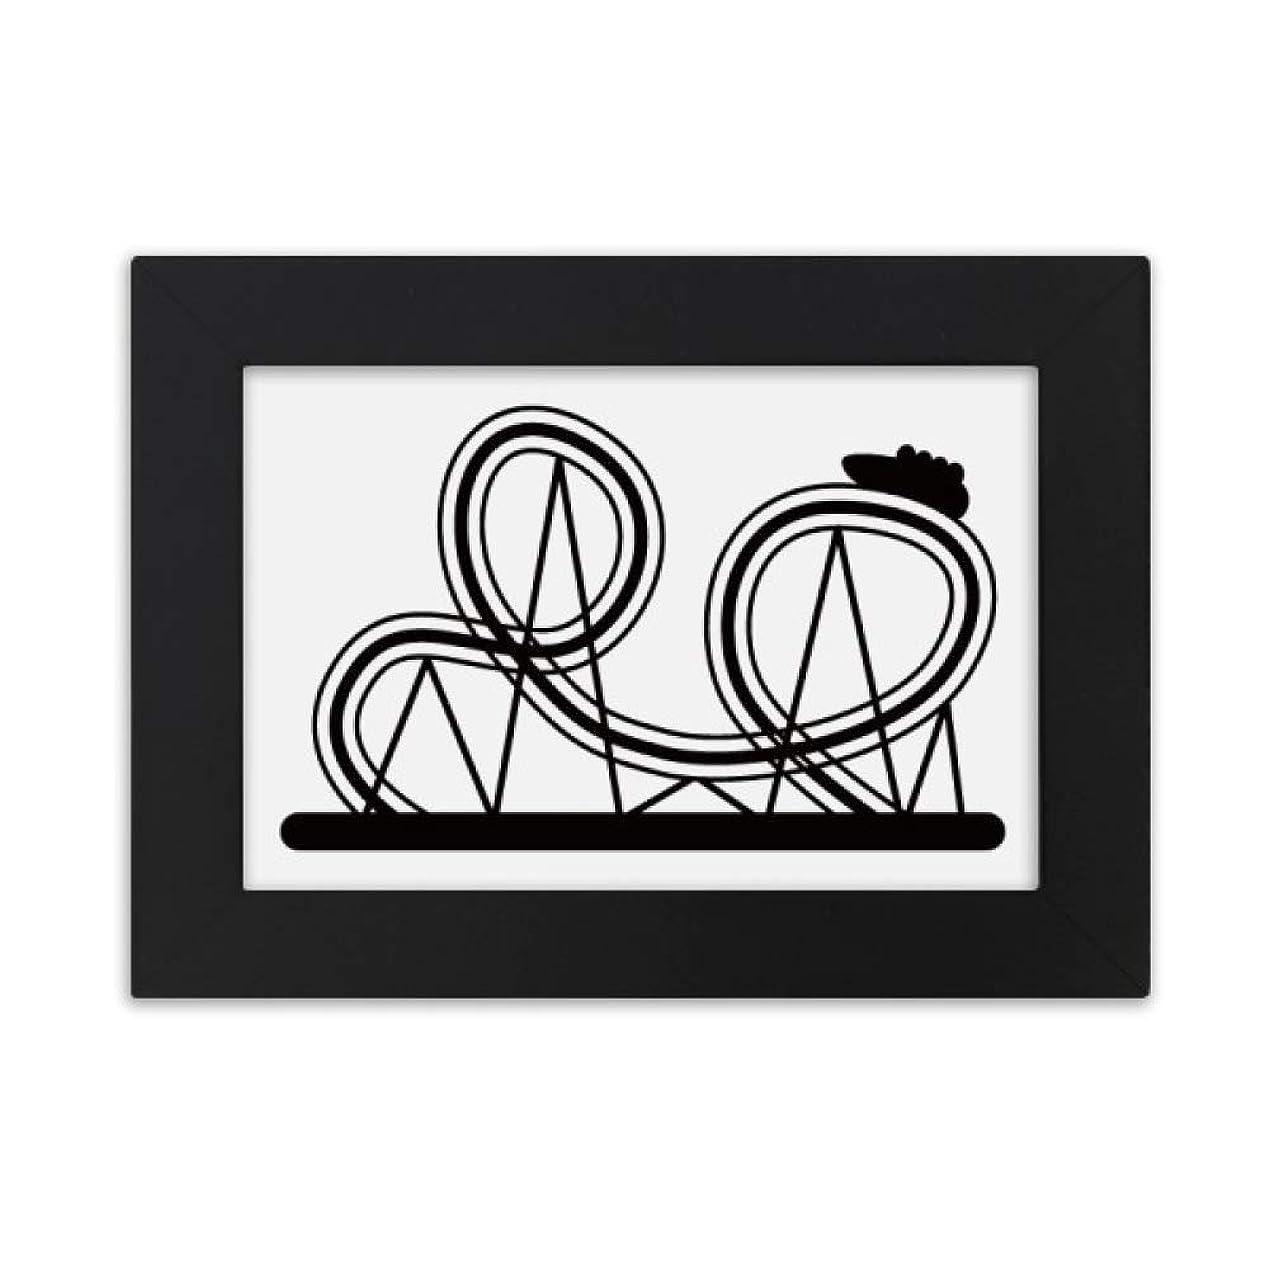 枝ビクター殺人者ブラックジェットコースター遊園地のシルエット デスクトップフォトフレーム画像ブラックは、芸術絵画7 x 9インチ